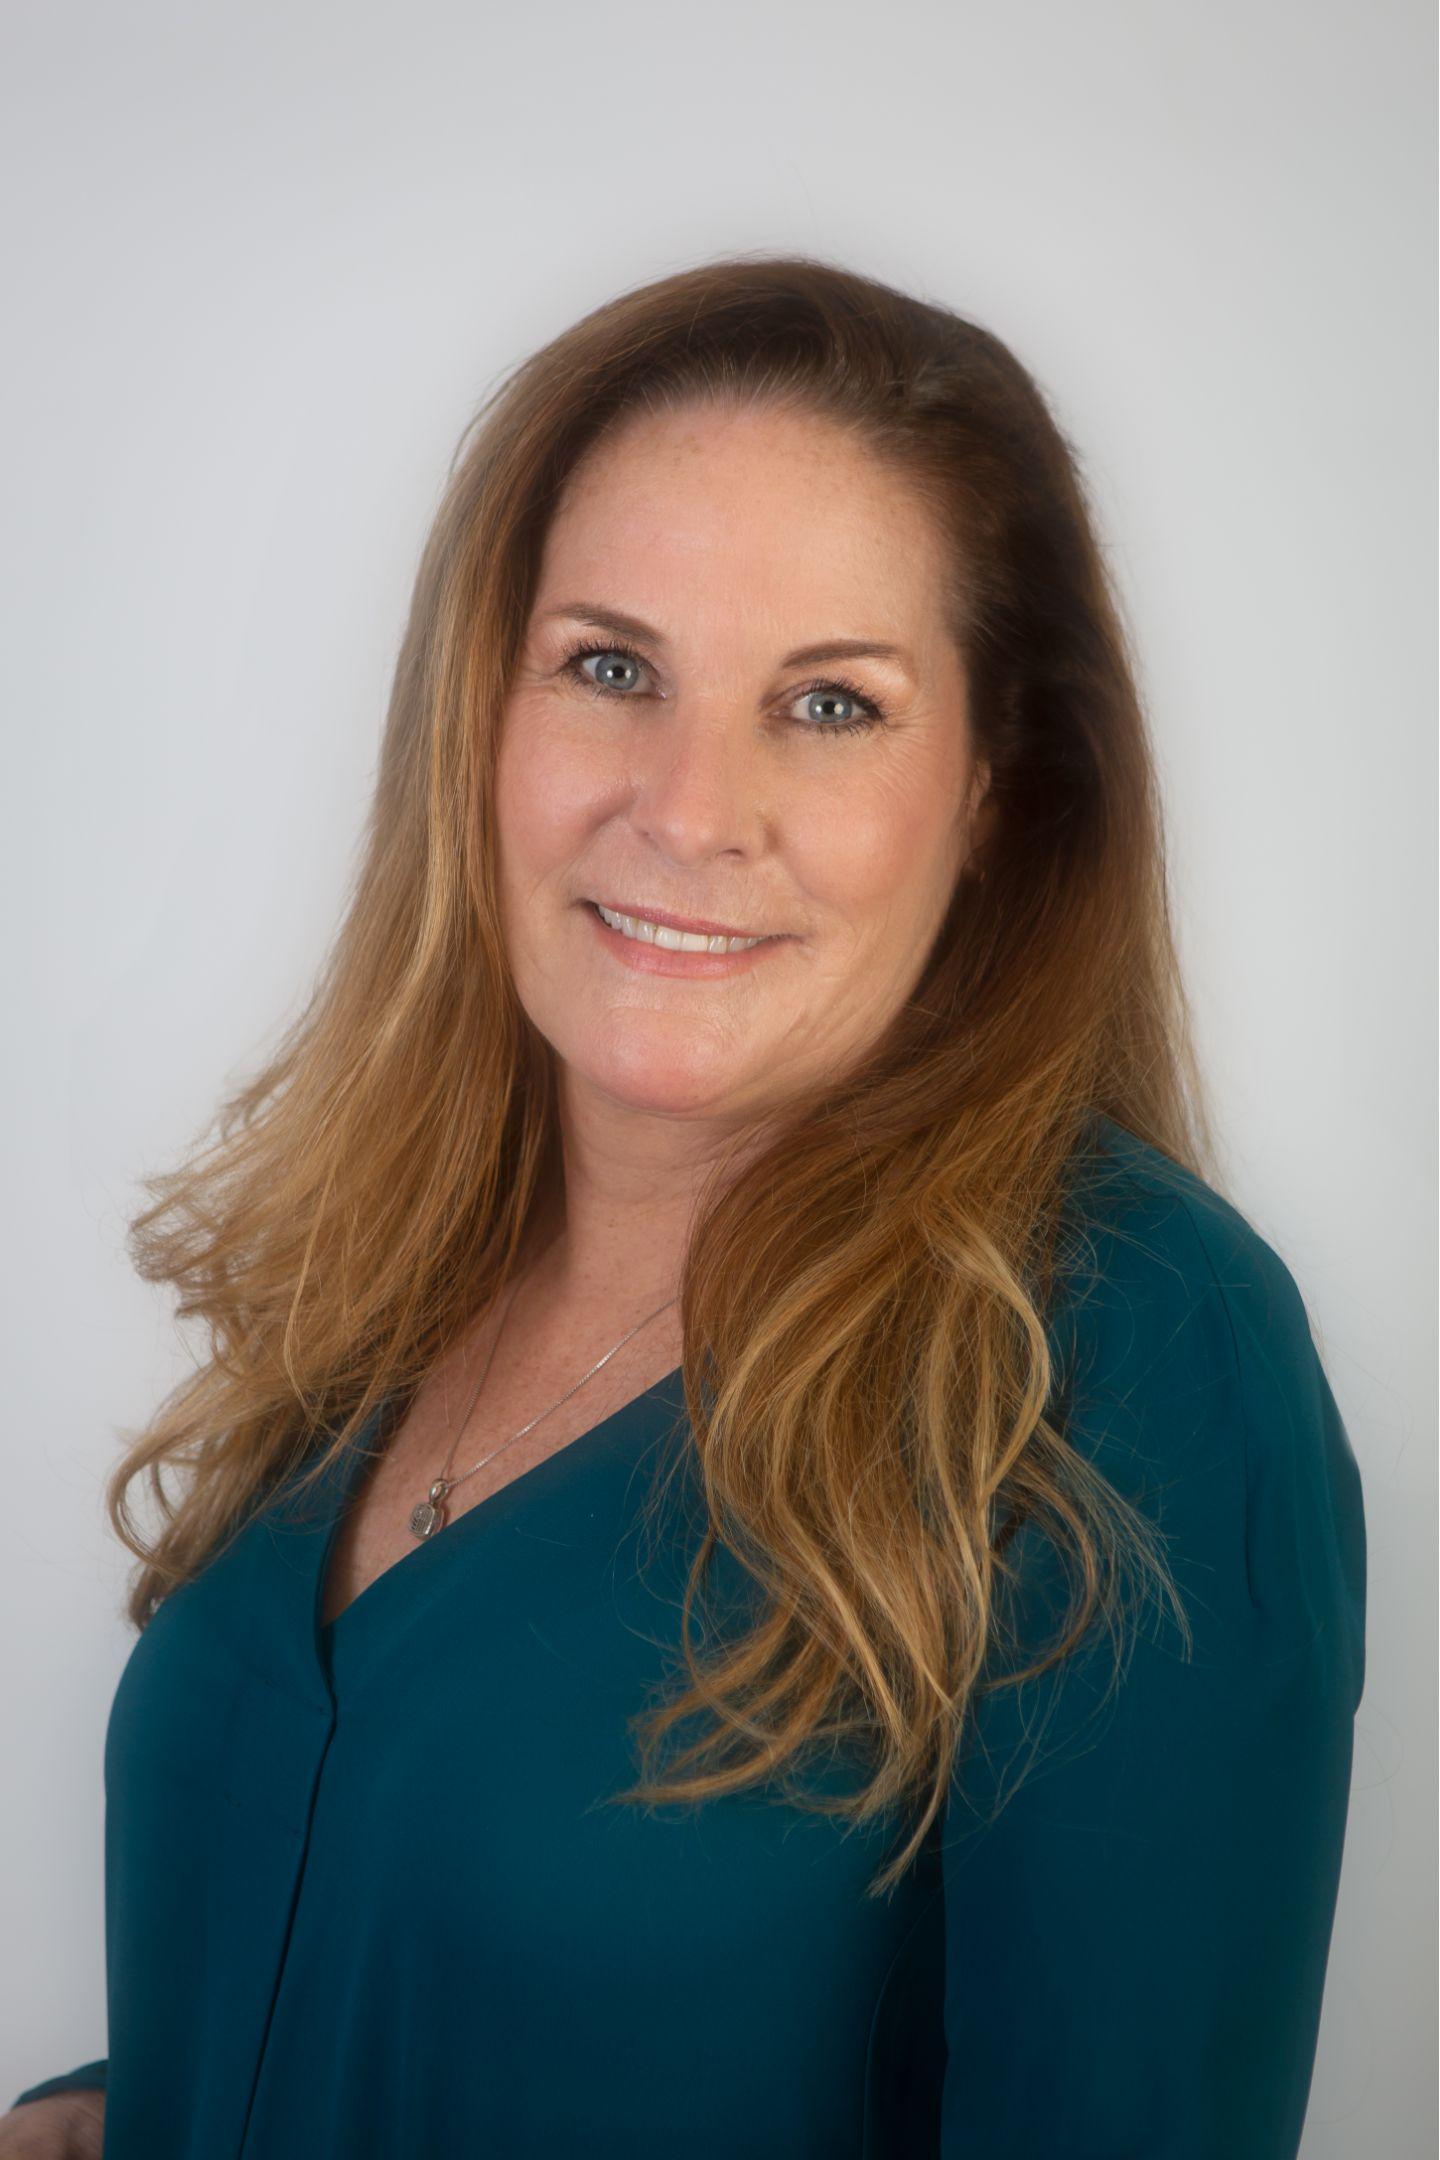 Megan Hart-Lugo